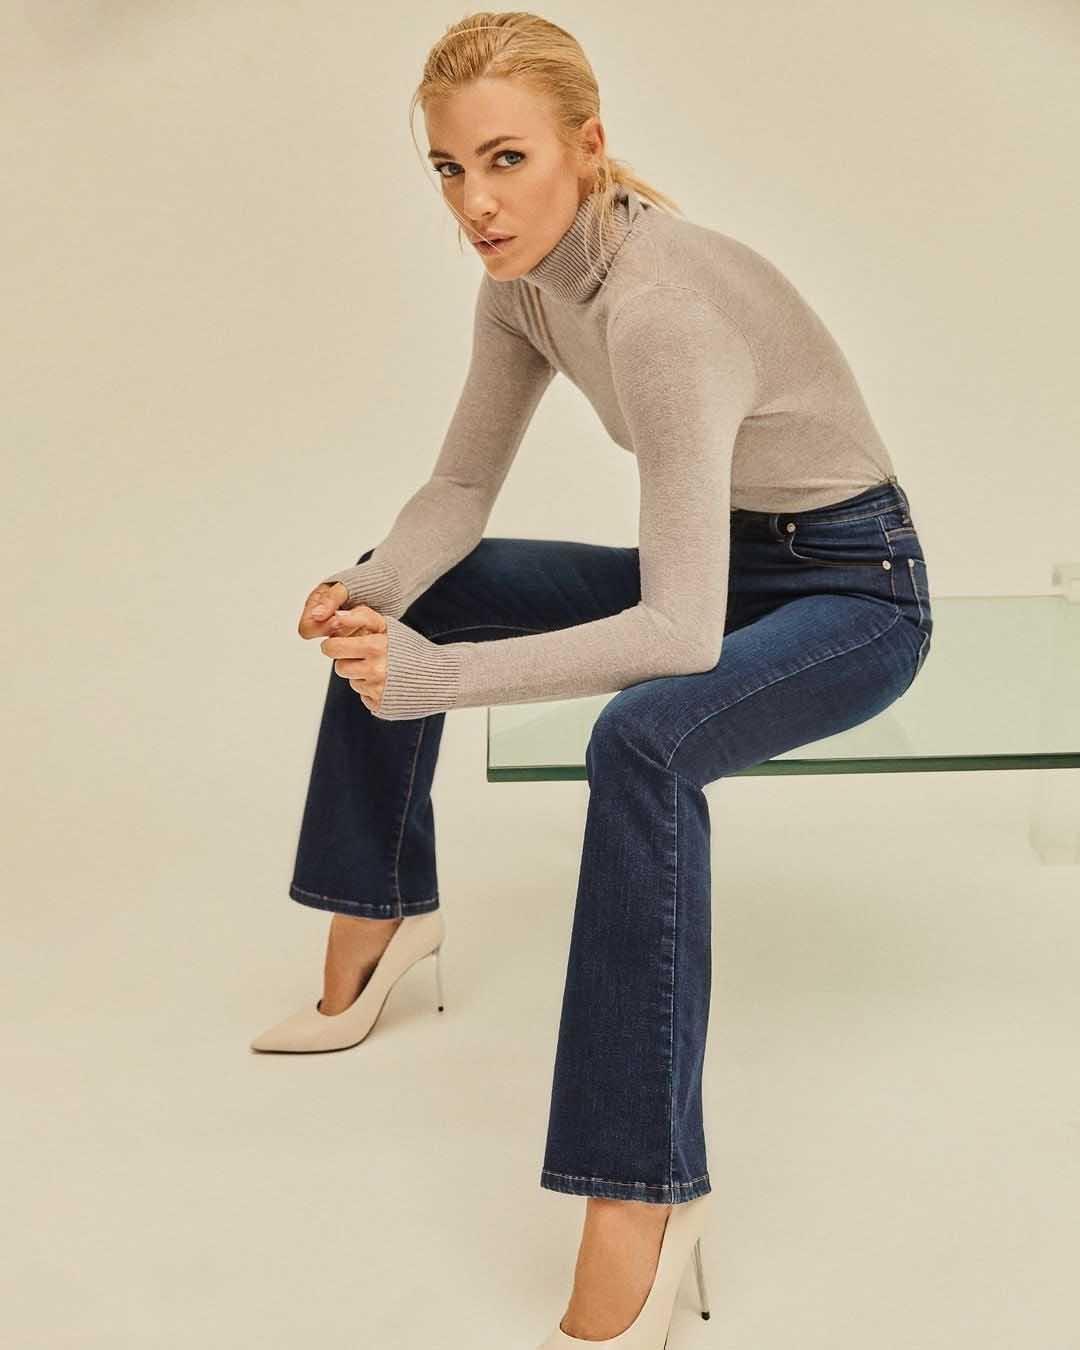 pantalones de jeans invierno 2021 moda invierno 2021 mujer